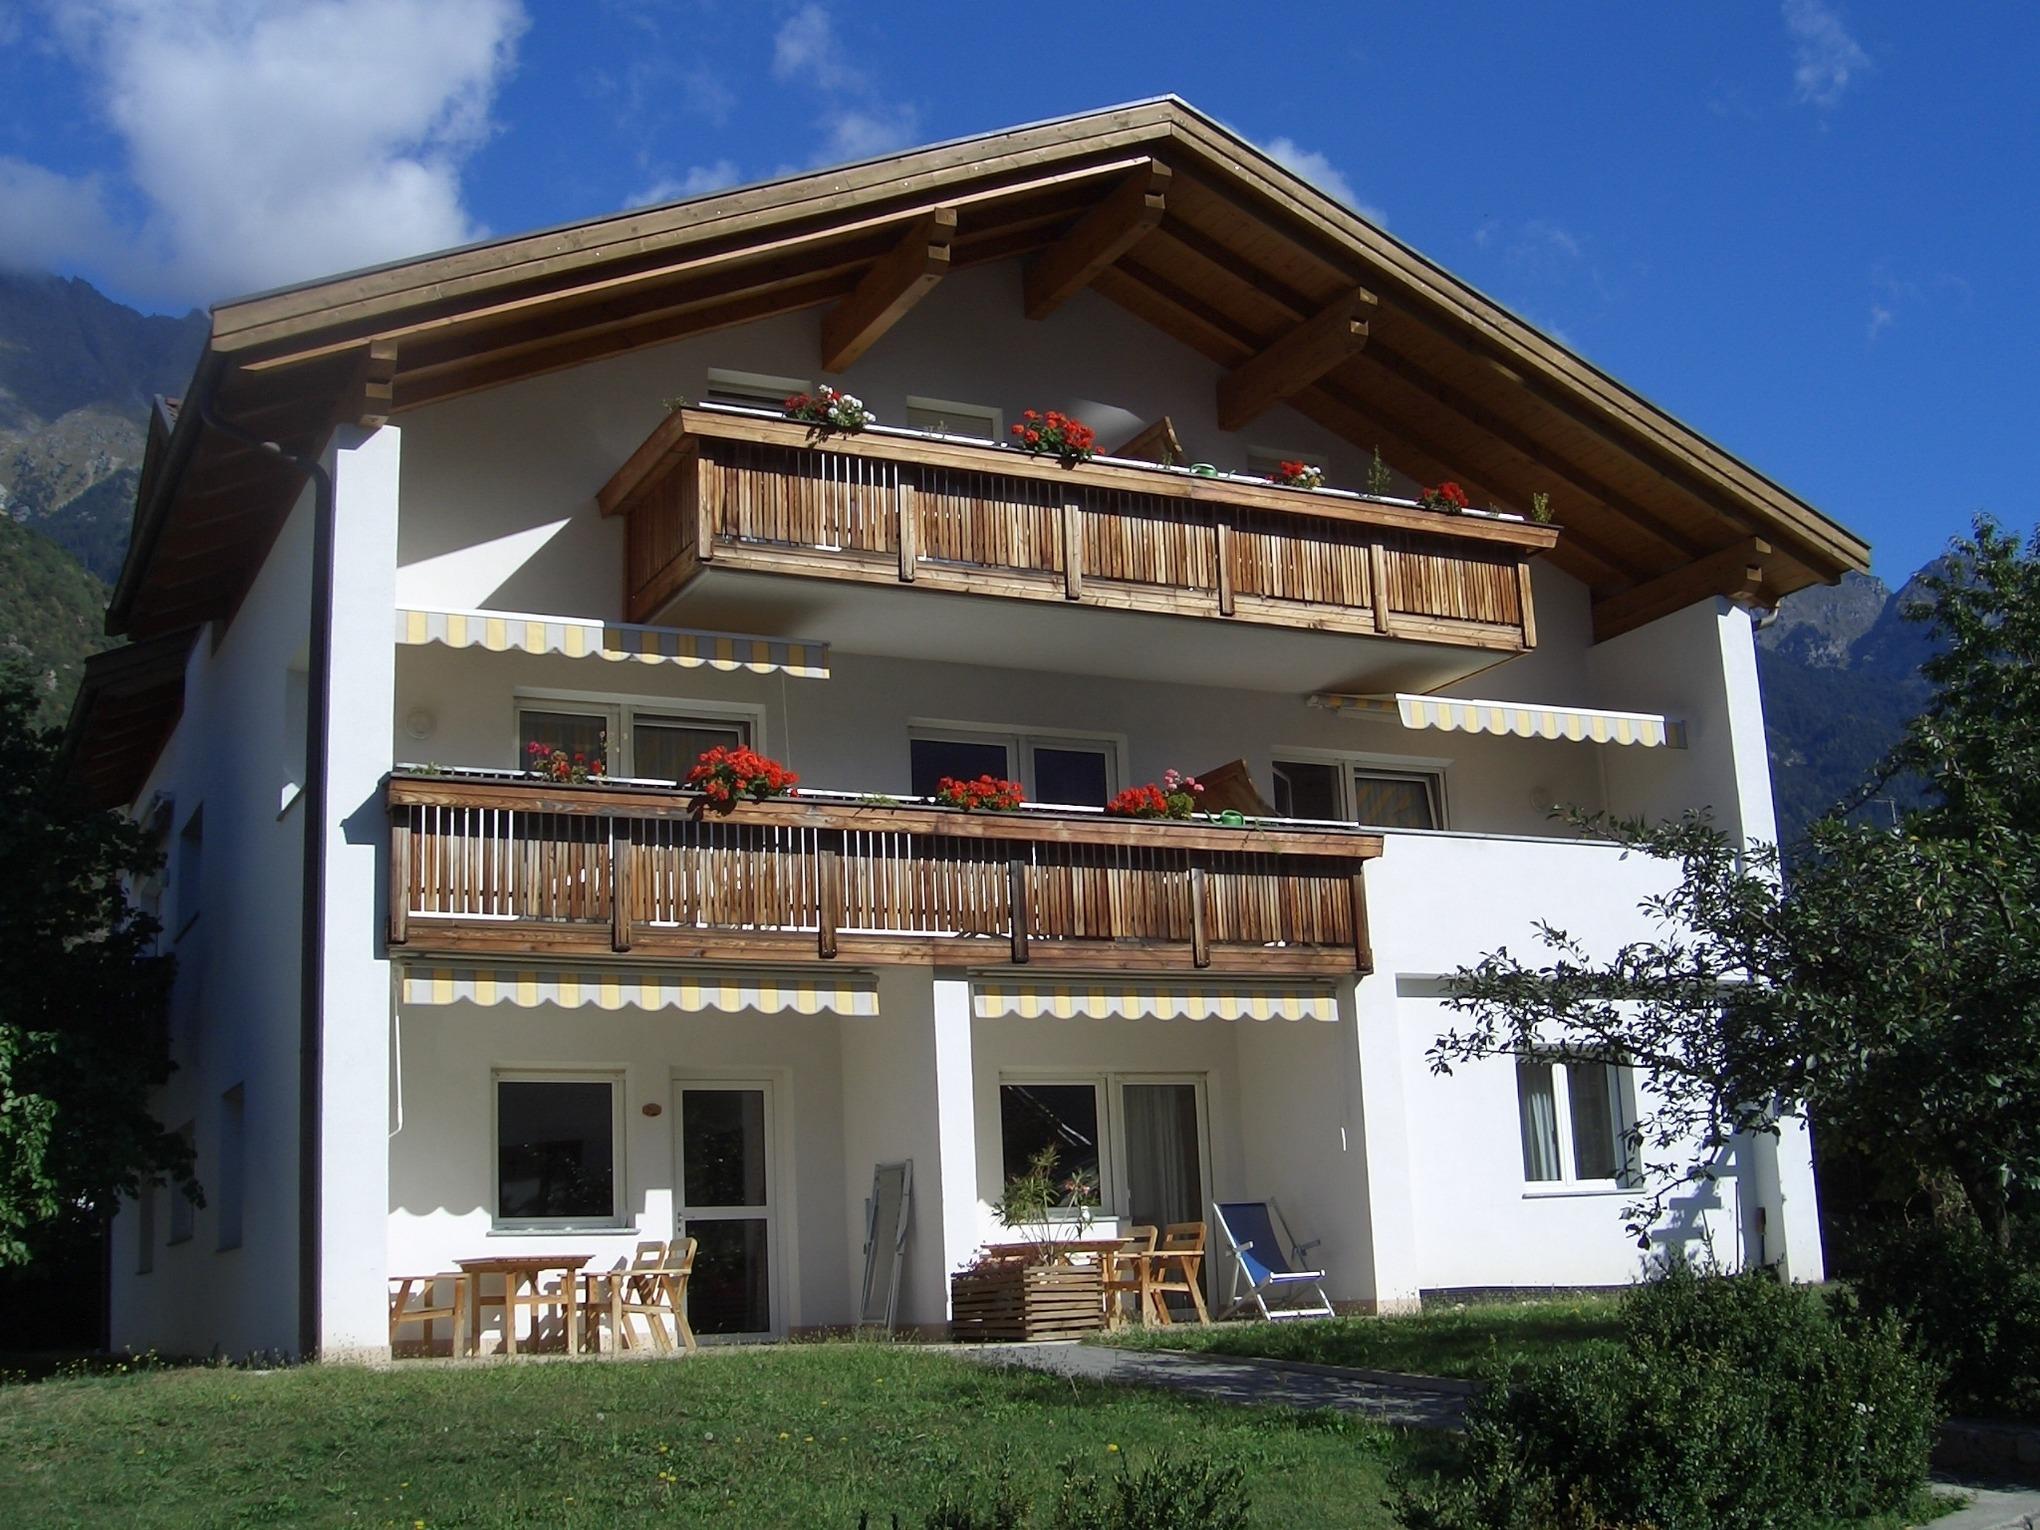 Ferienwohnung im Haus Texel (III) Ferienwohnung in Italien